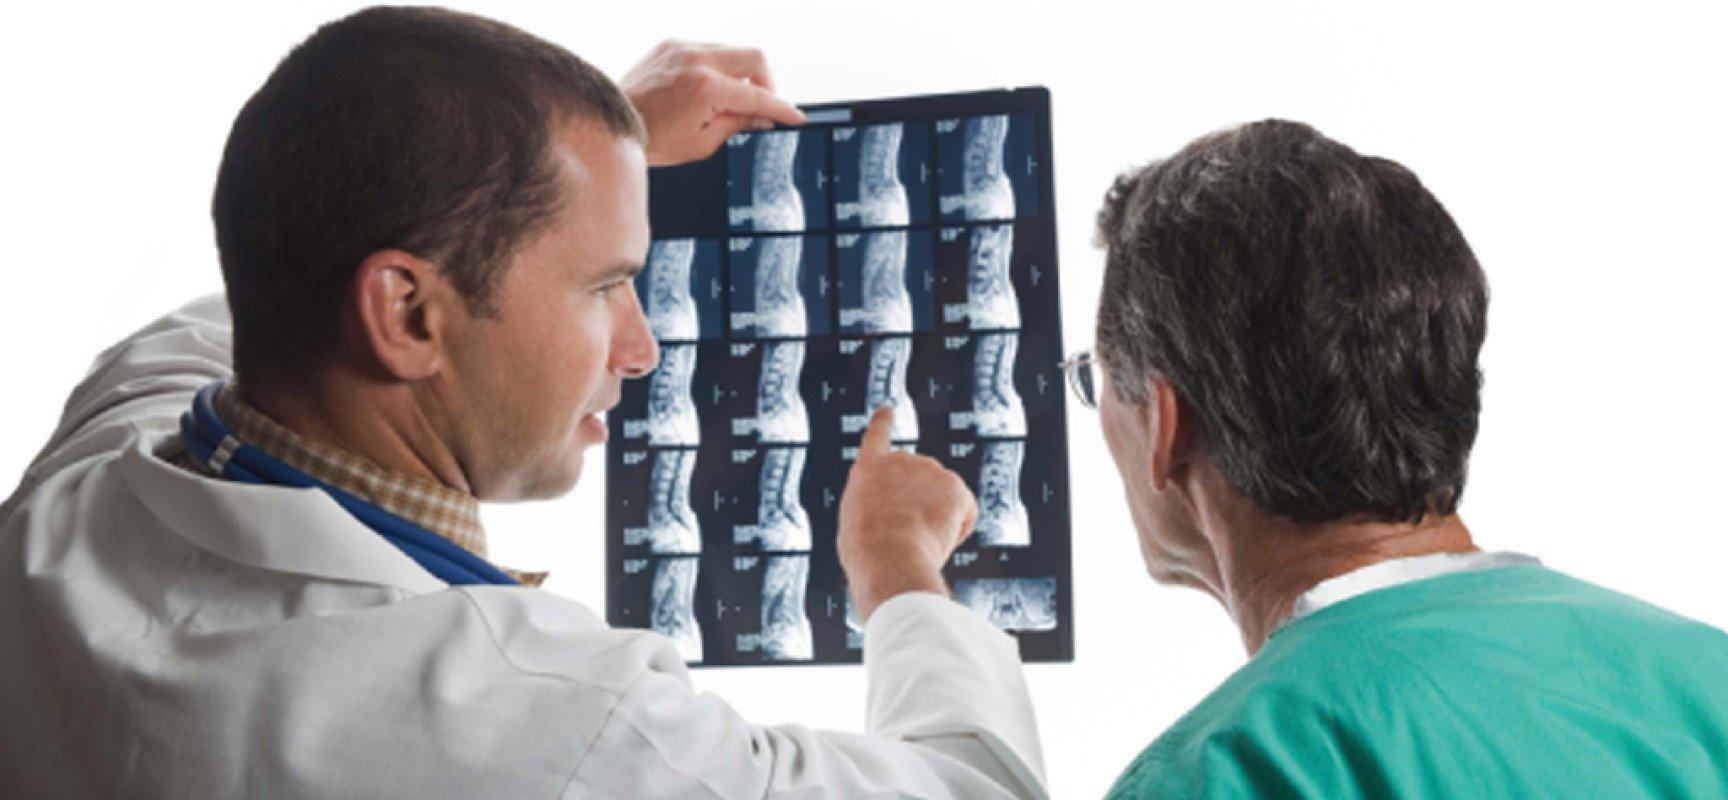 Остеопороз: лечение, клиническая картина и причины развития заболевания